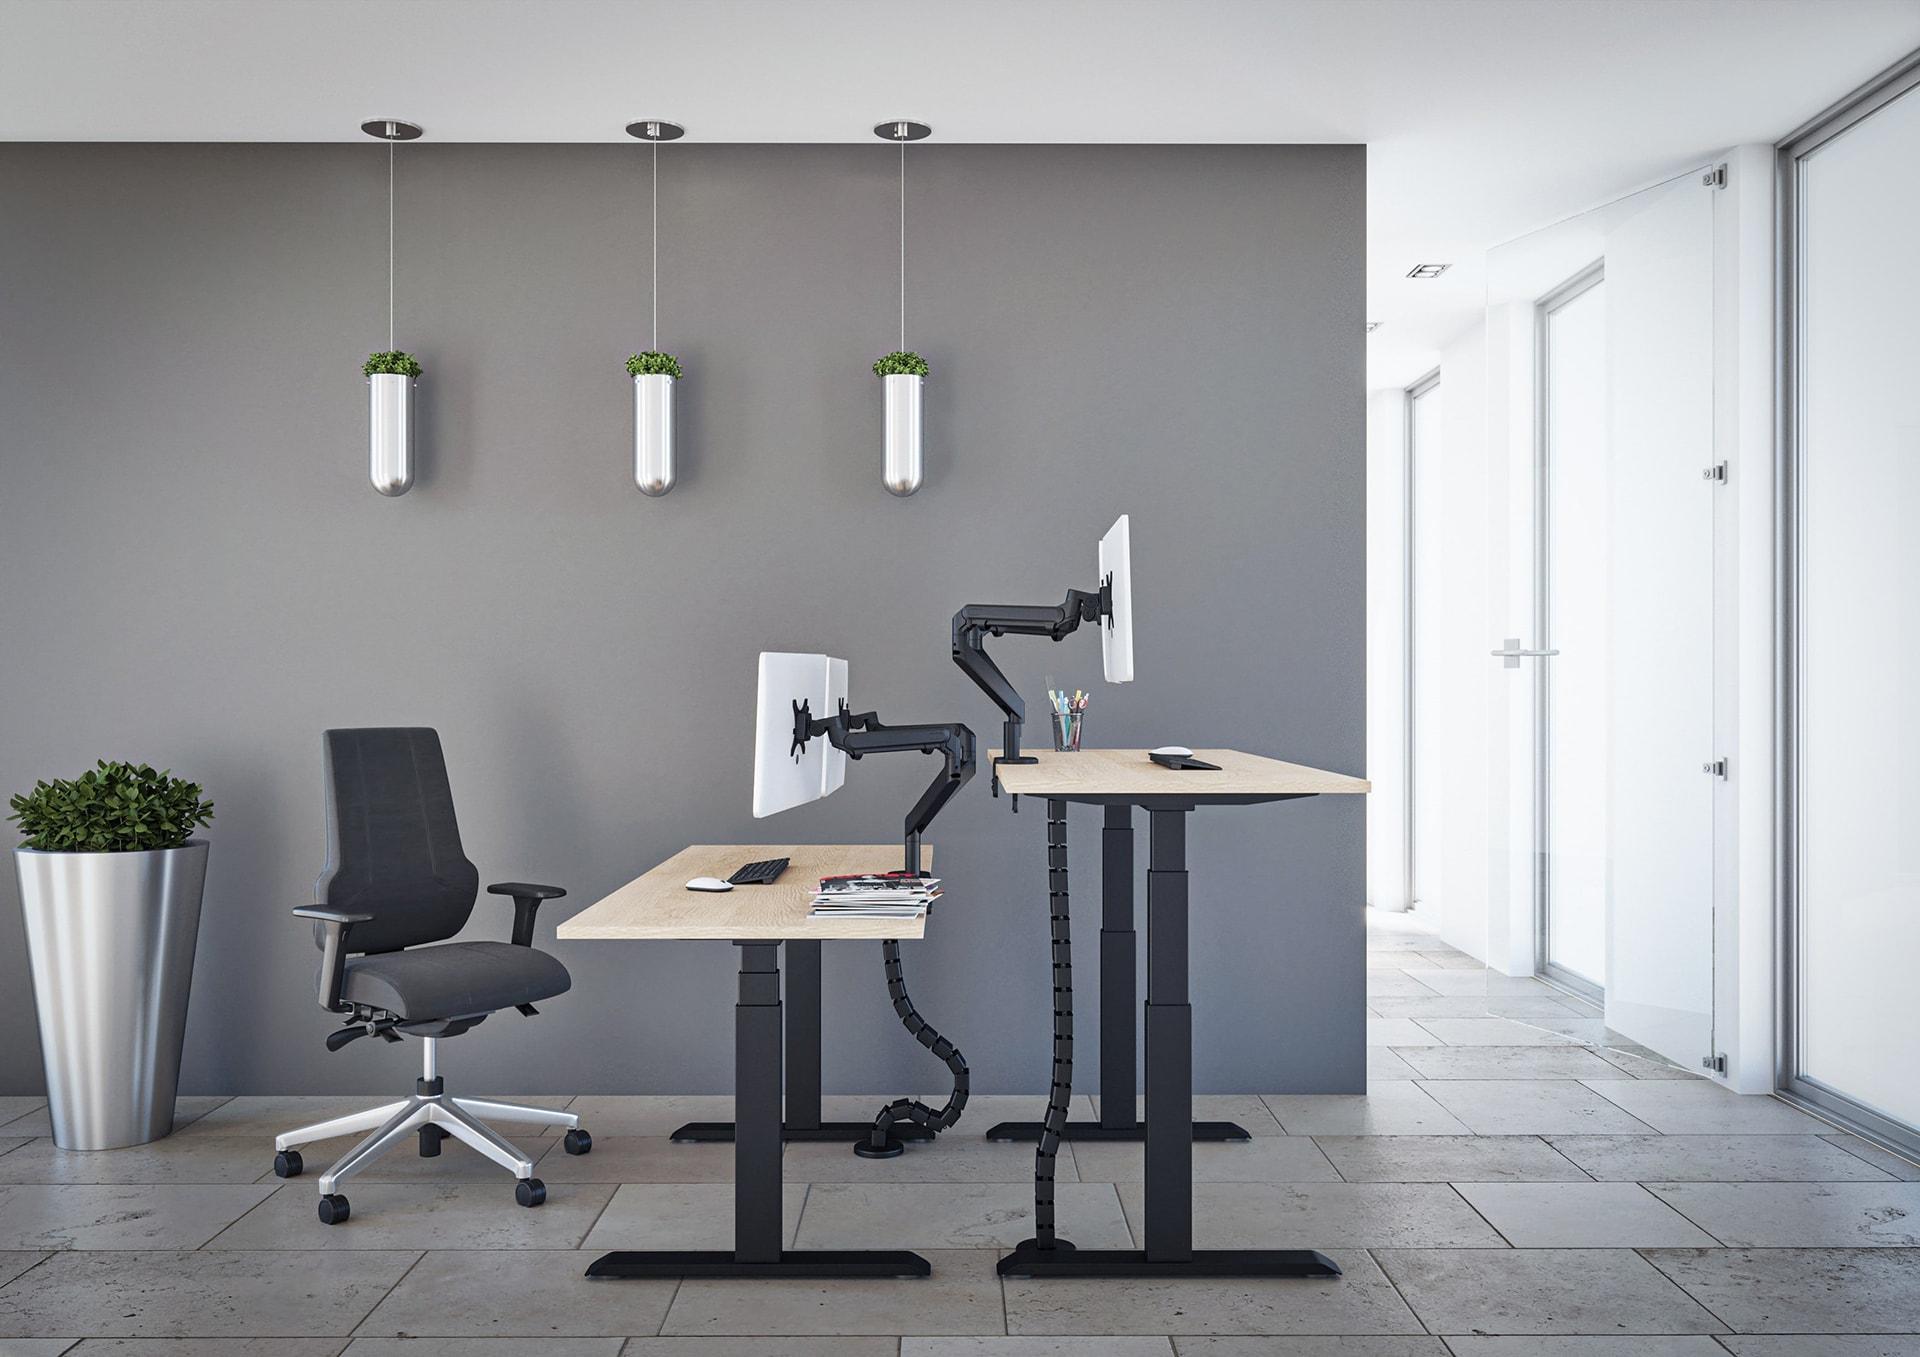 Ergonomische kantoormeubelen - Broecan